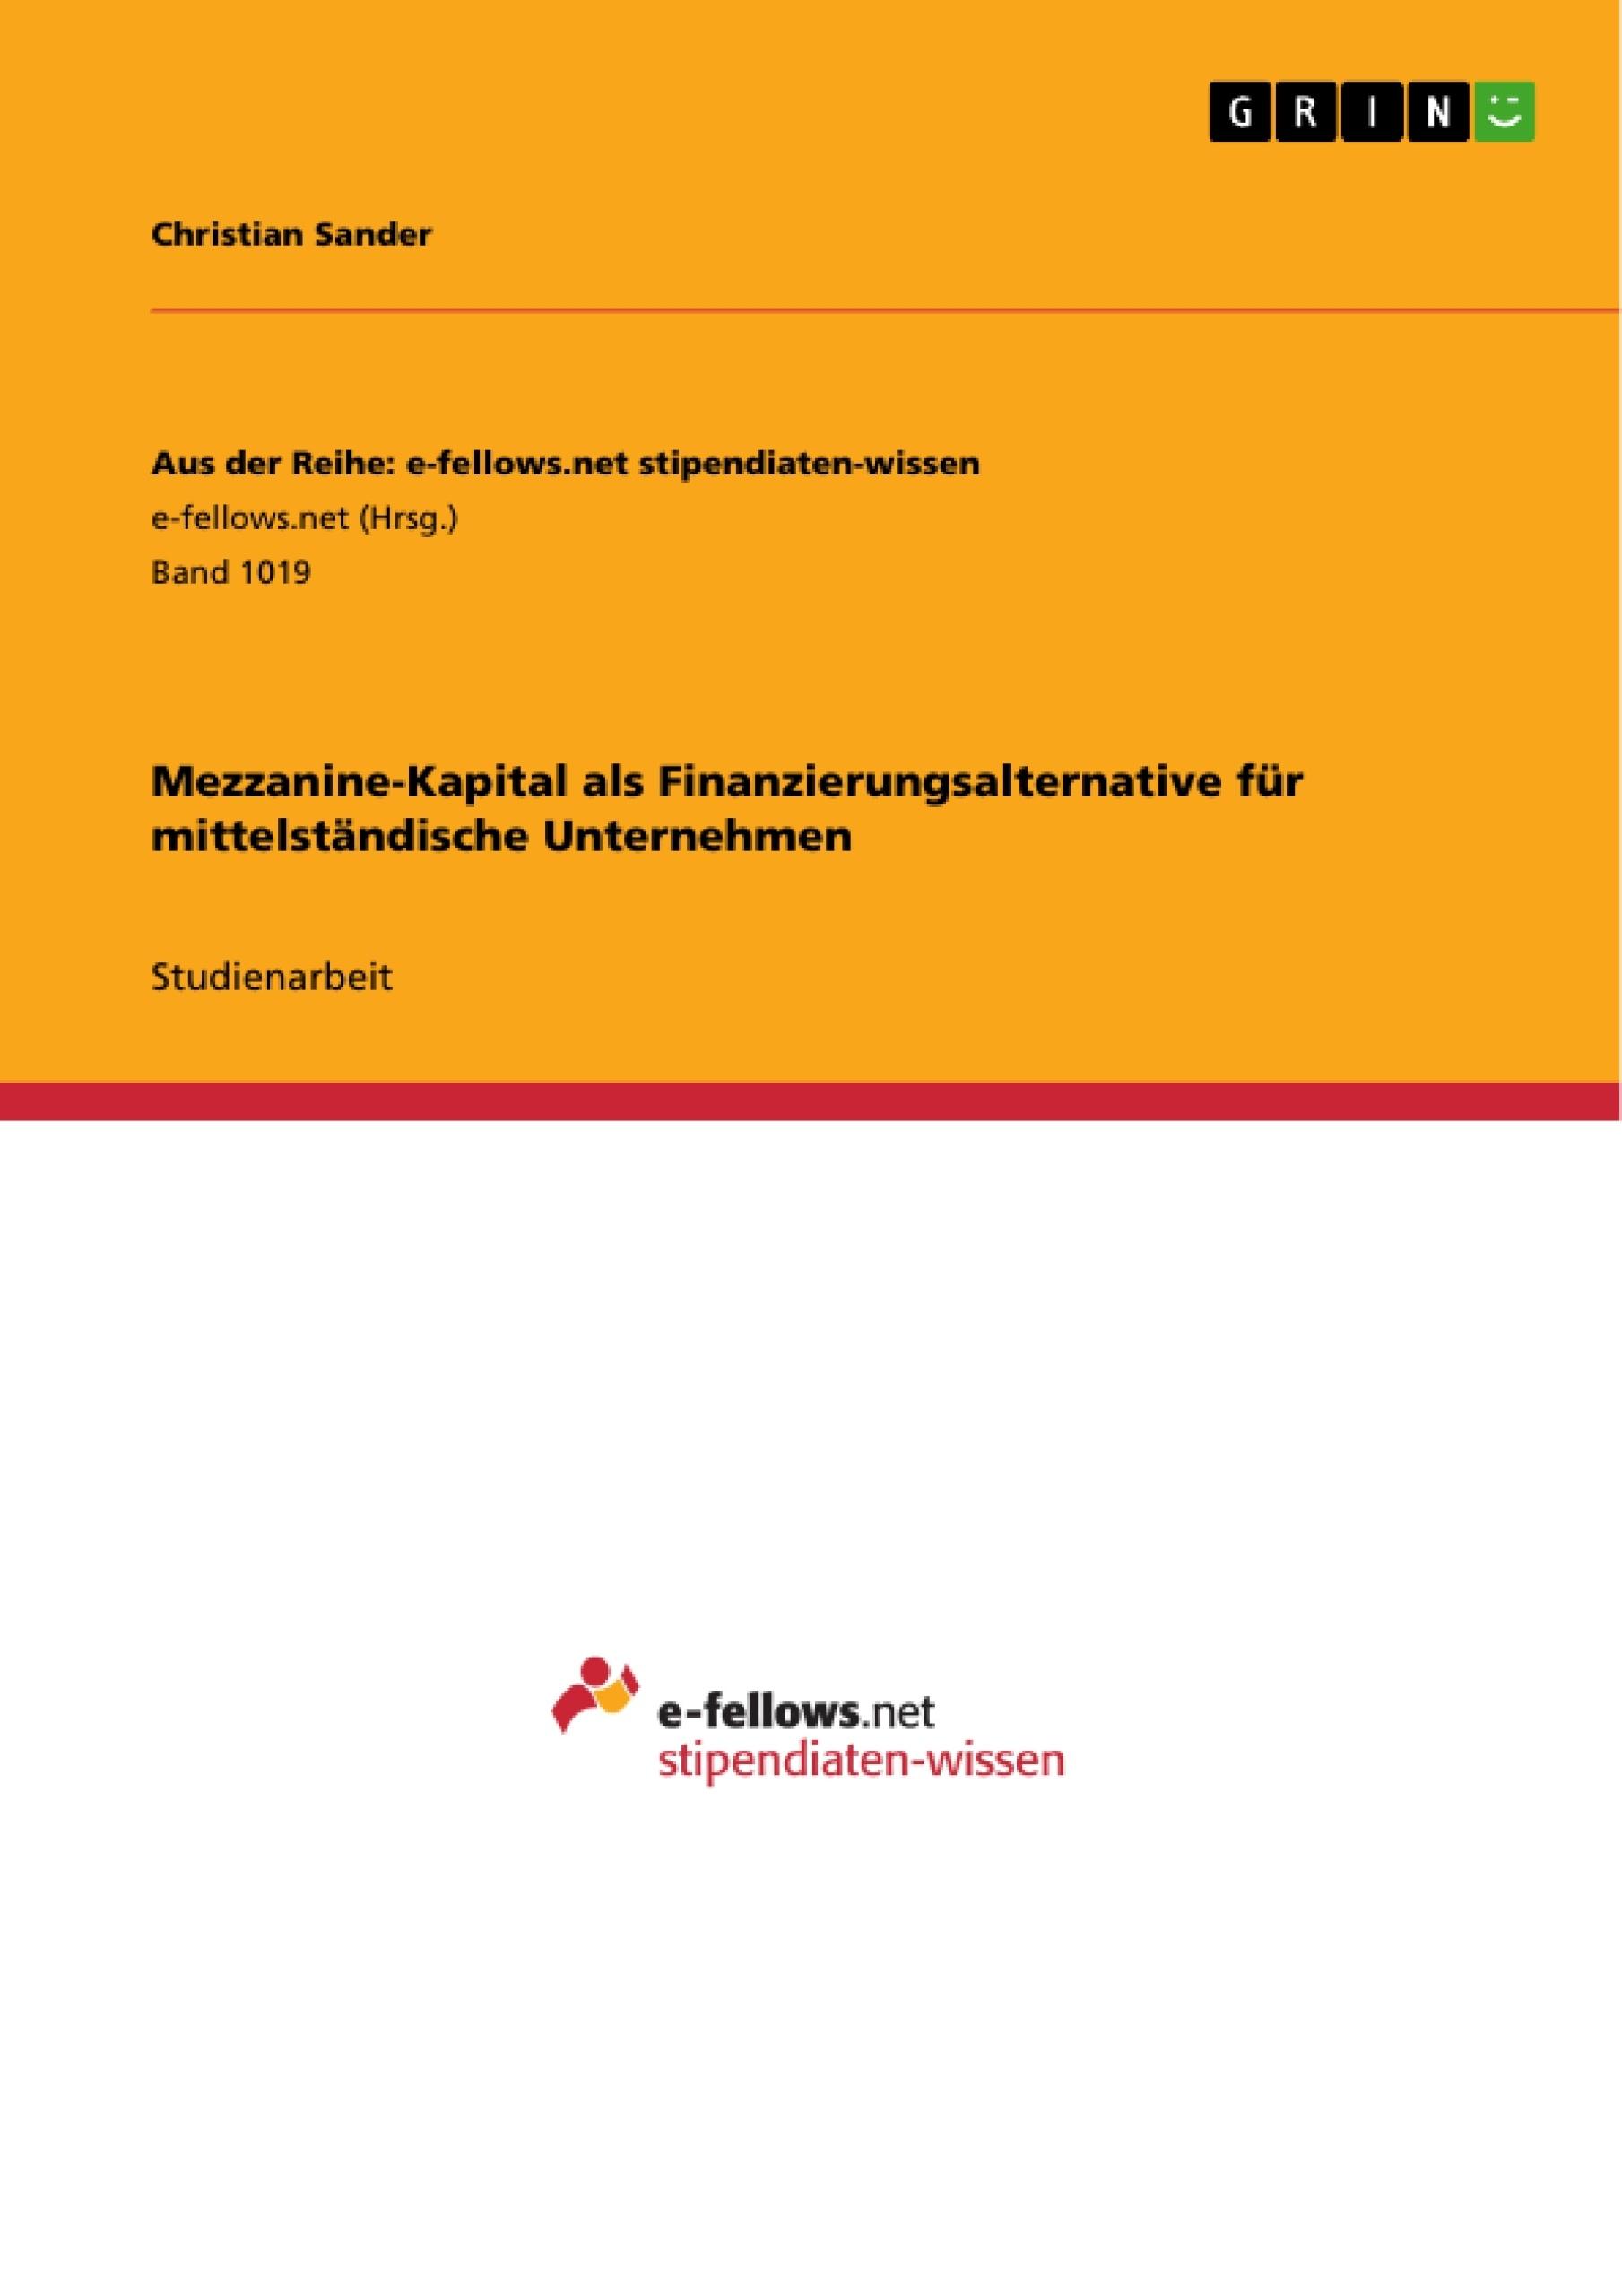 Titel: Mezzanine-Kapital als Finanzierungsalternative für mittelständische Unternehmen